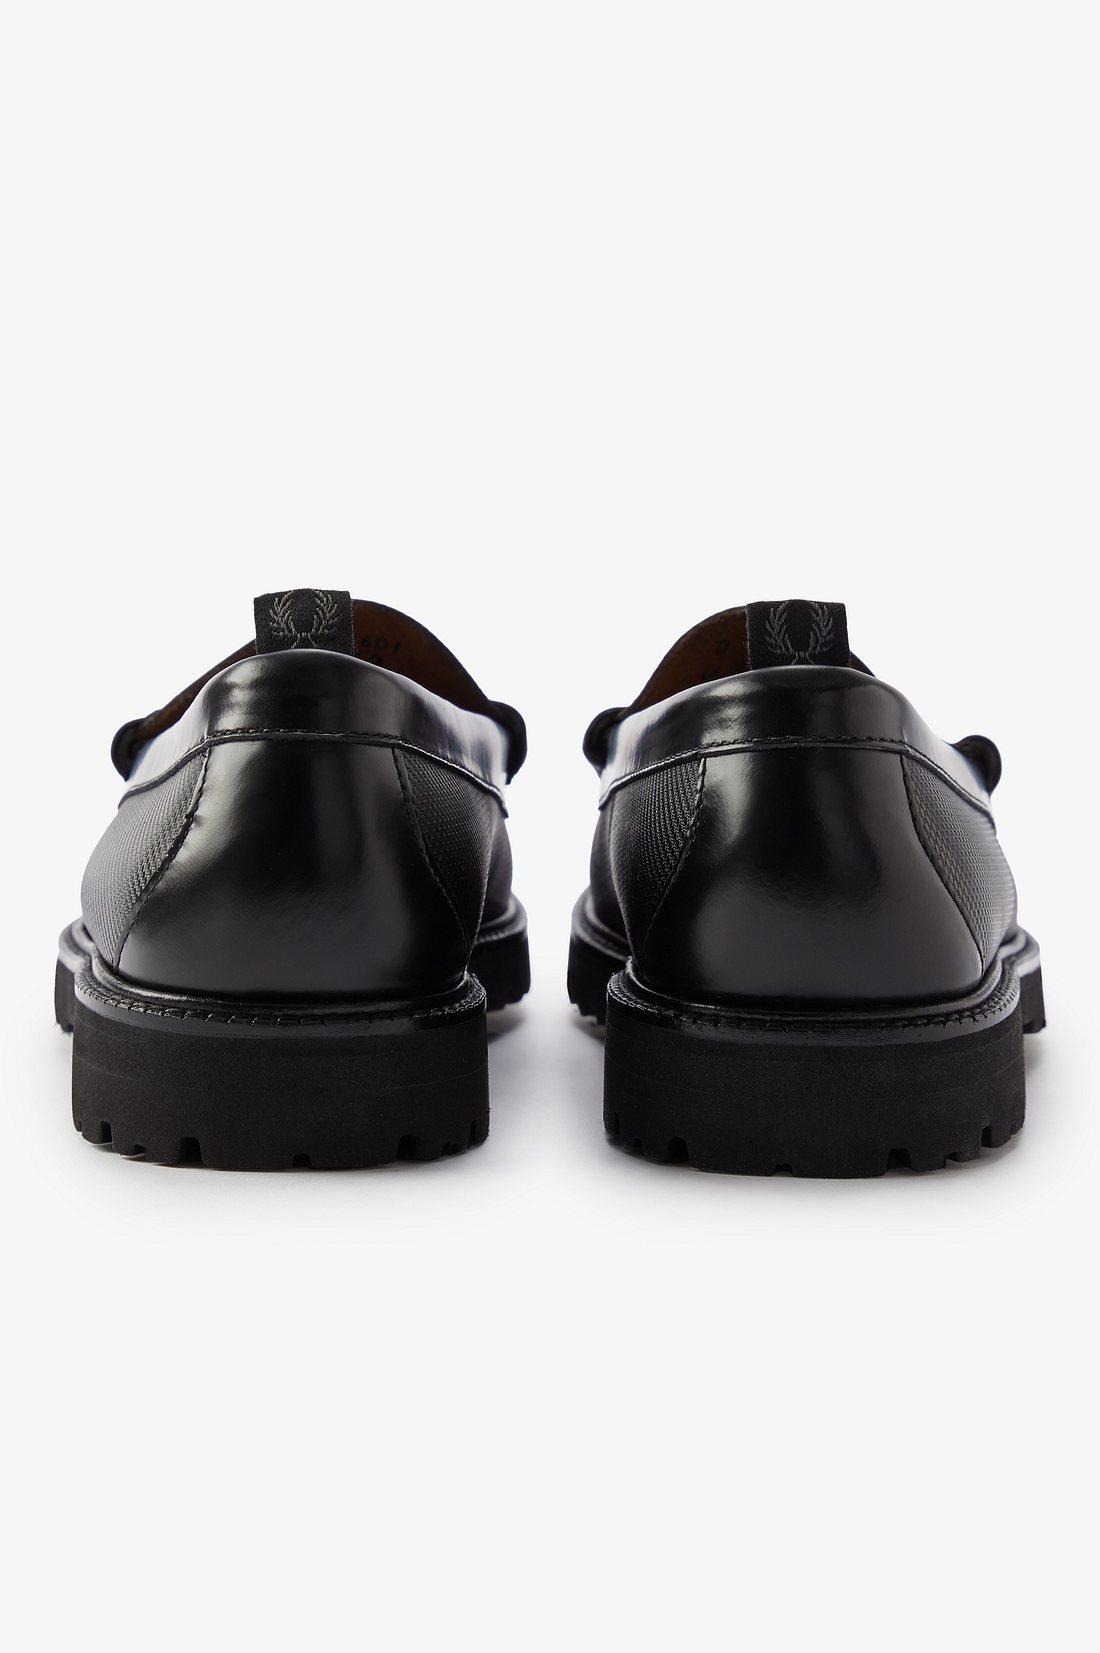 Loafer von Fred Perry und G.H. Bass